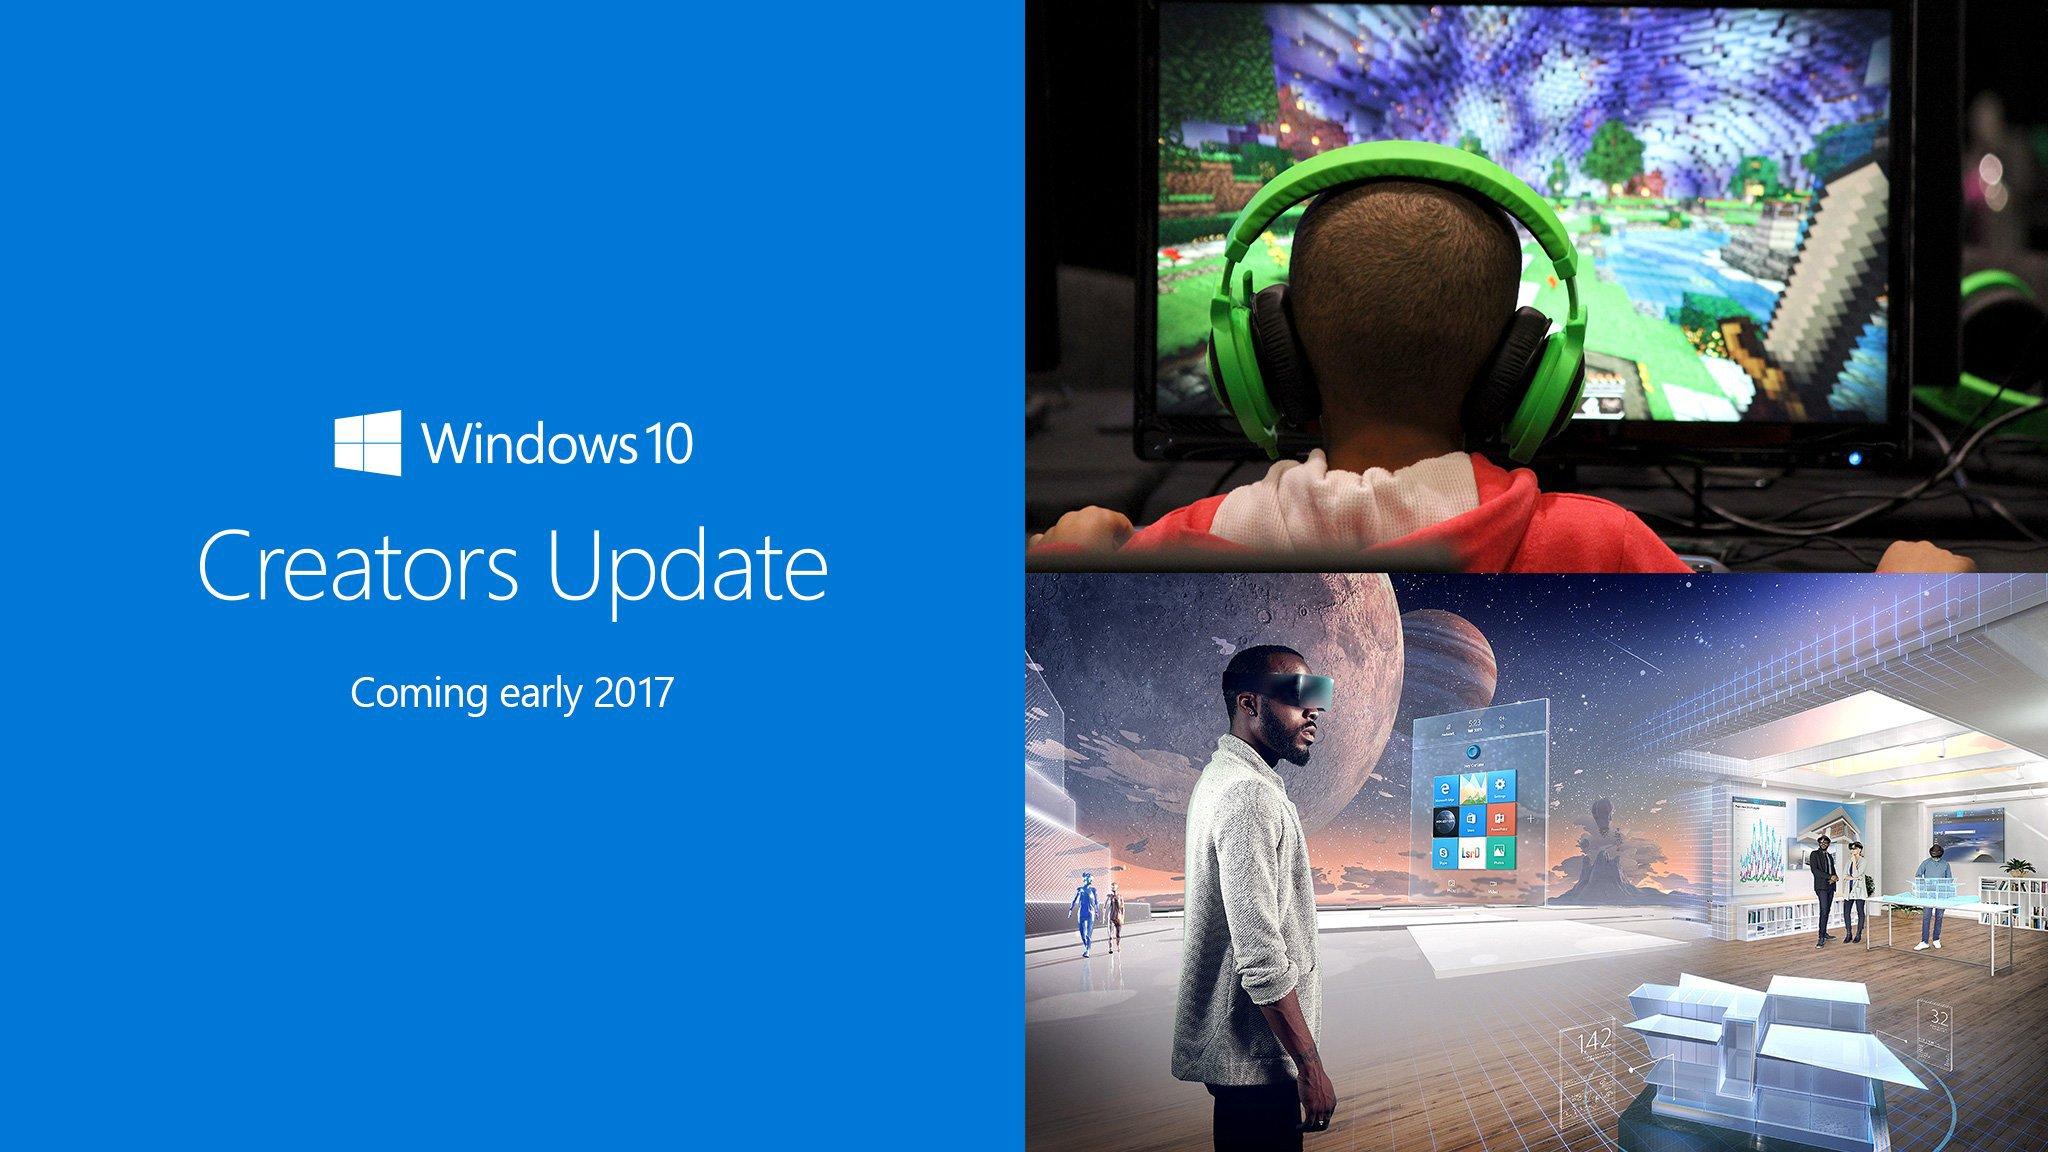 حمّل الآن تحديث ويندوز 10 Creators Update - عالم التقنية